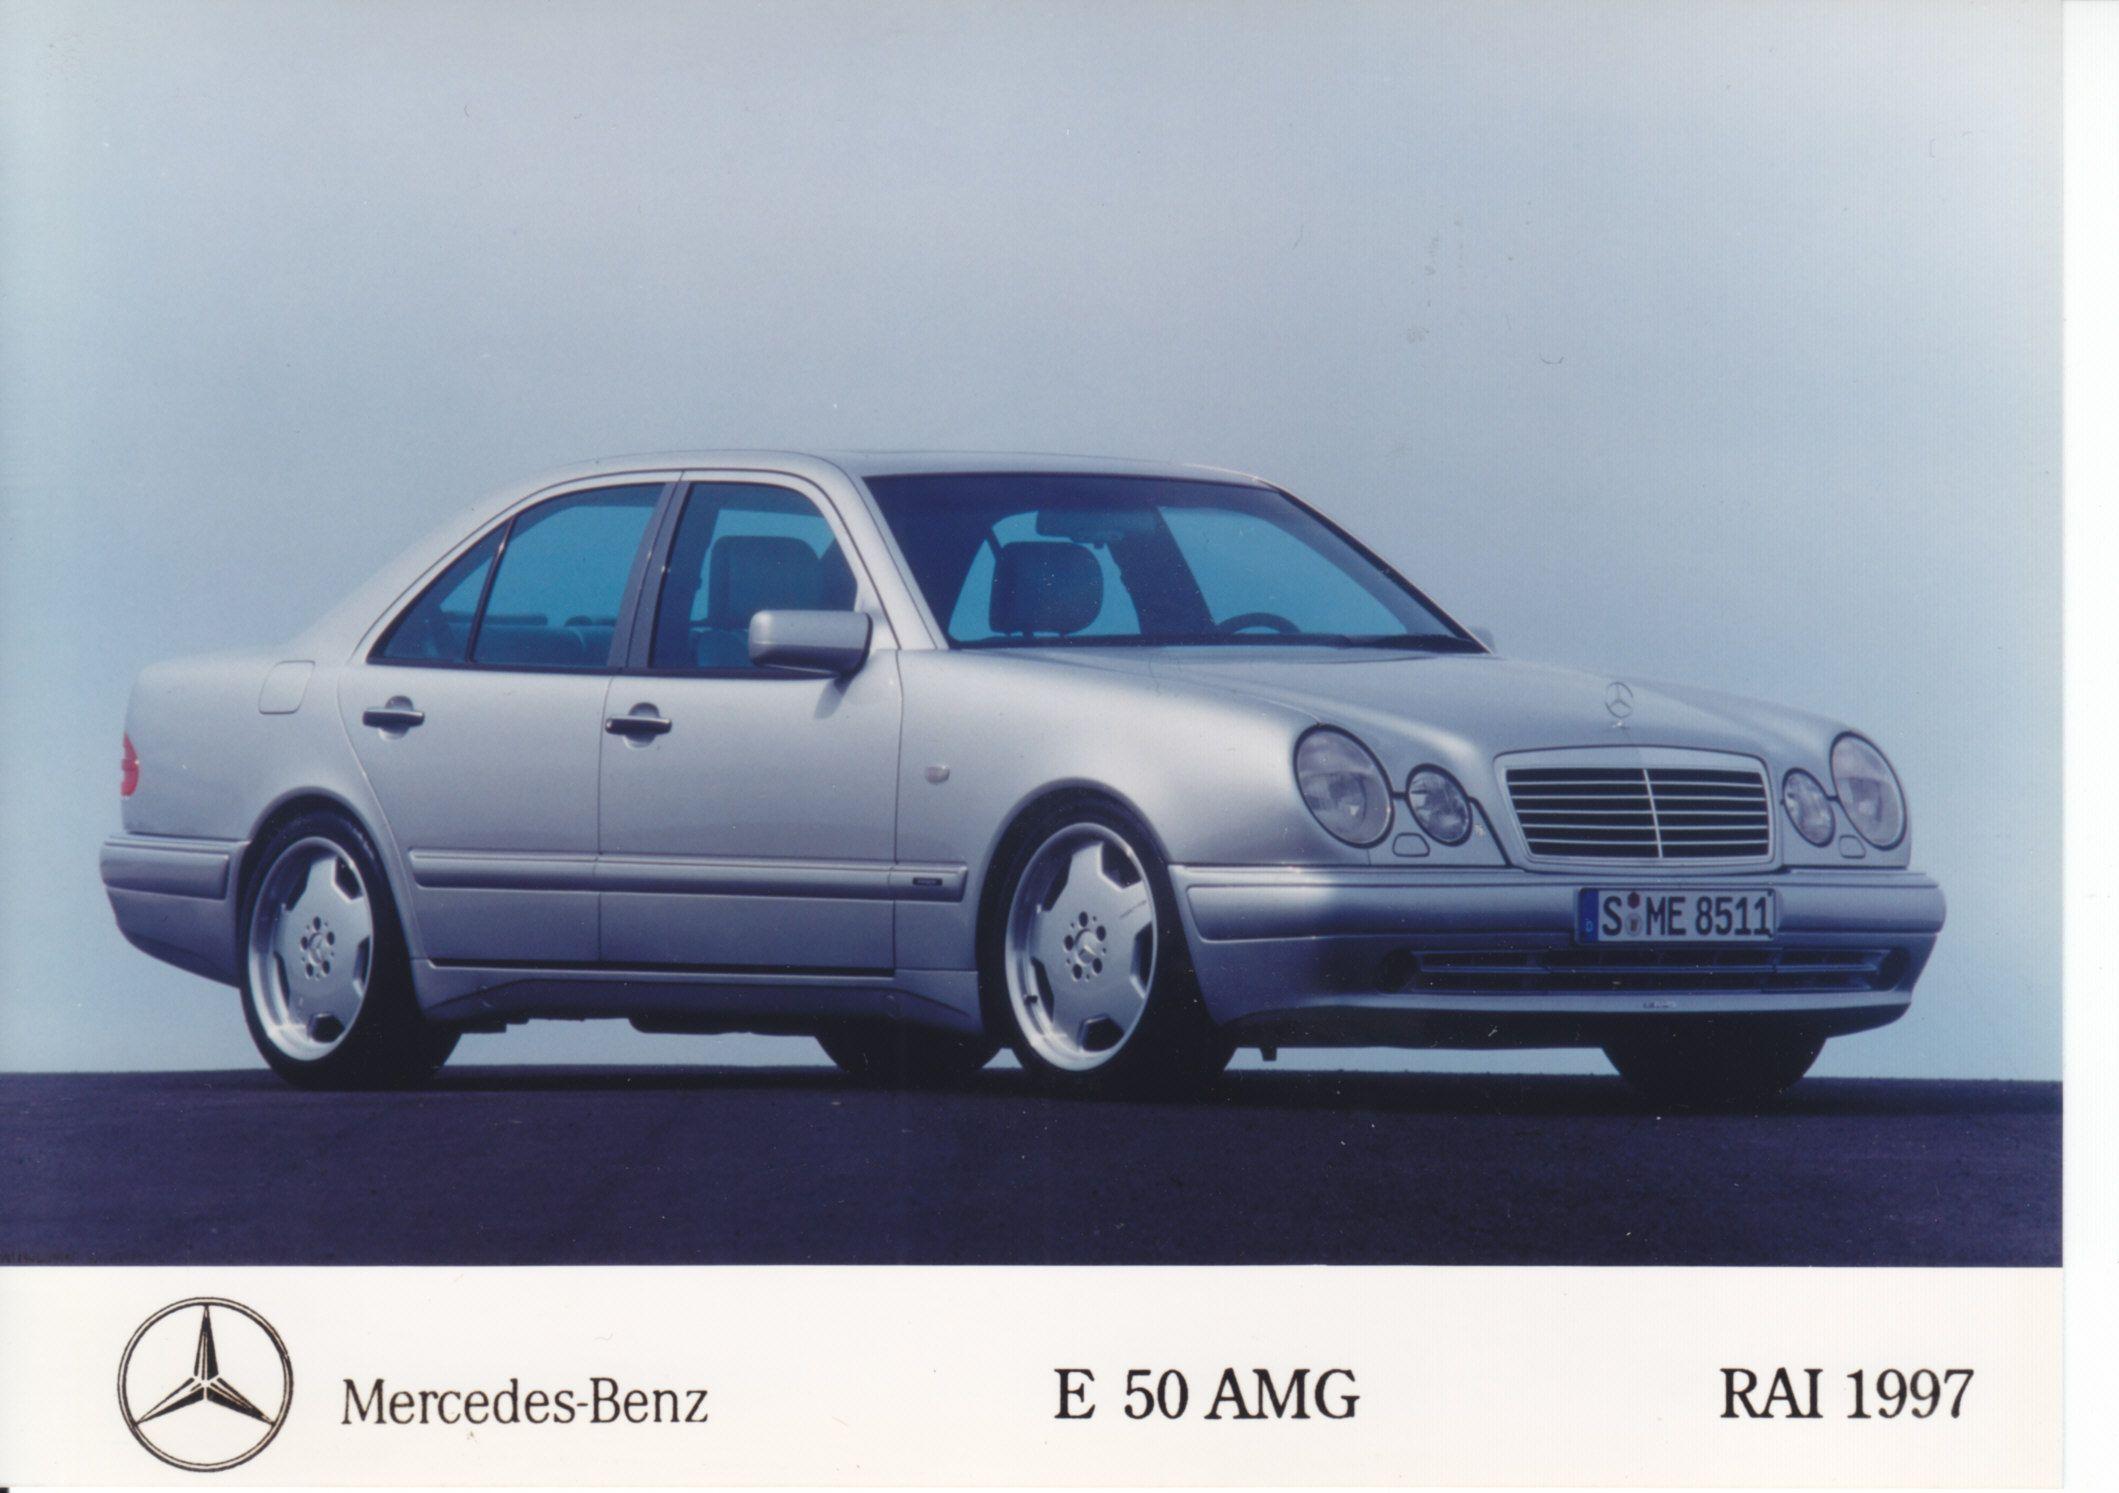 Mercedes Benz E 50 AMG Dutch RAI 1997 Cars